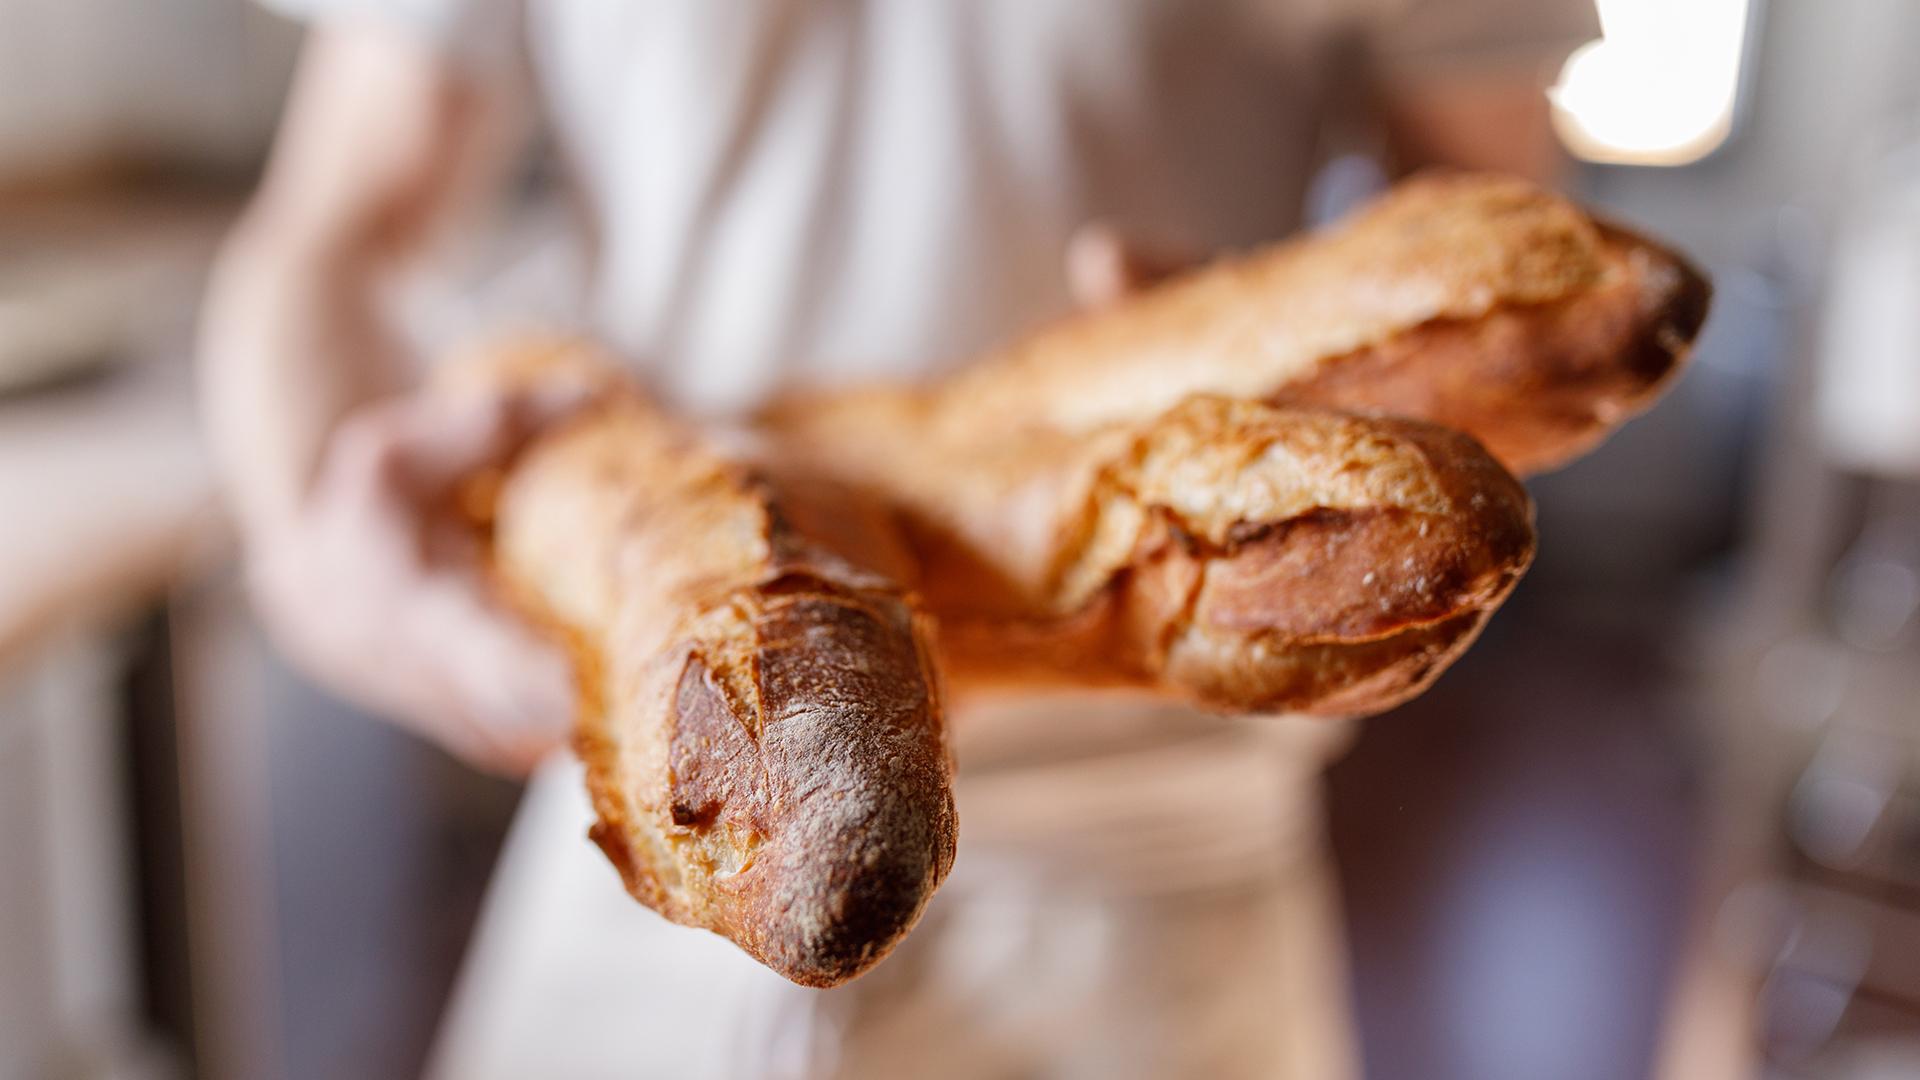 Világörökségi védelmet kaphat a francia baguette